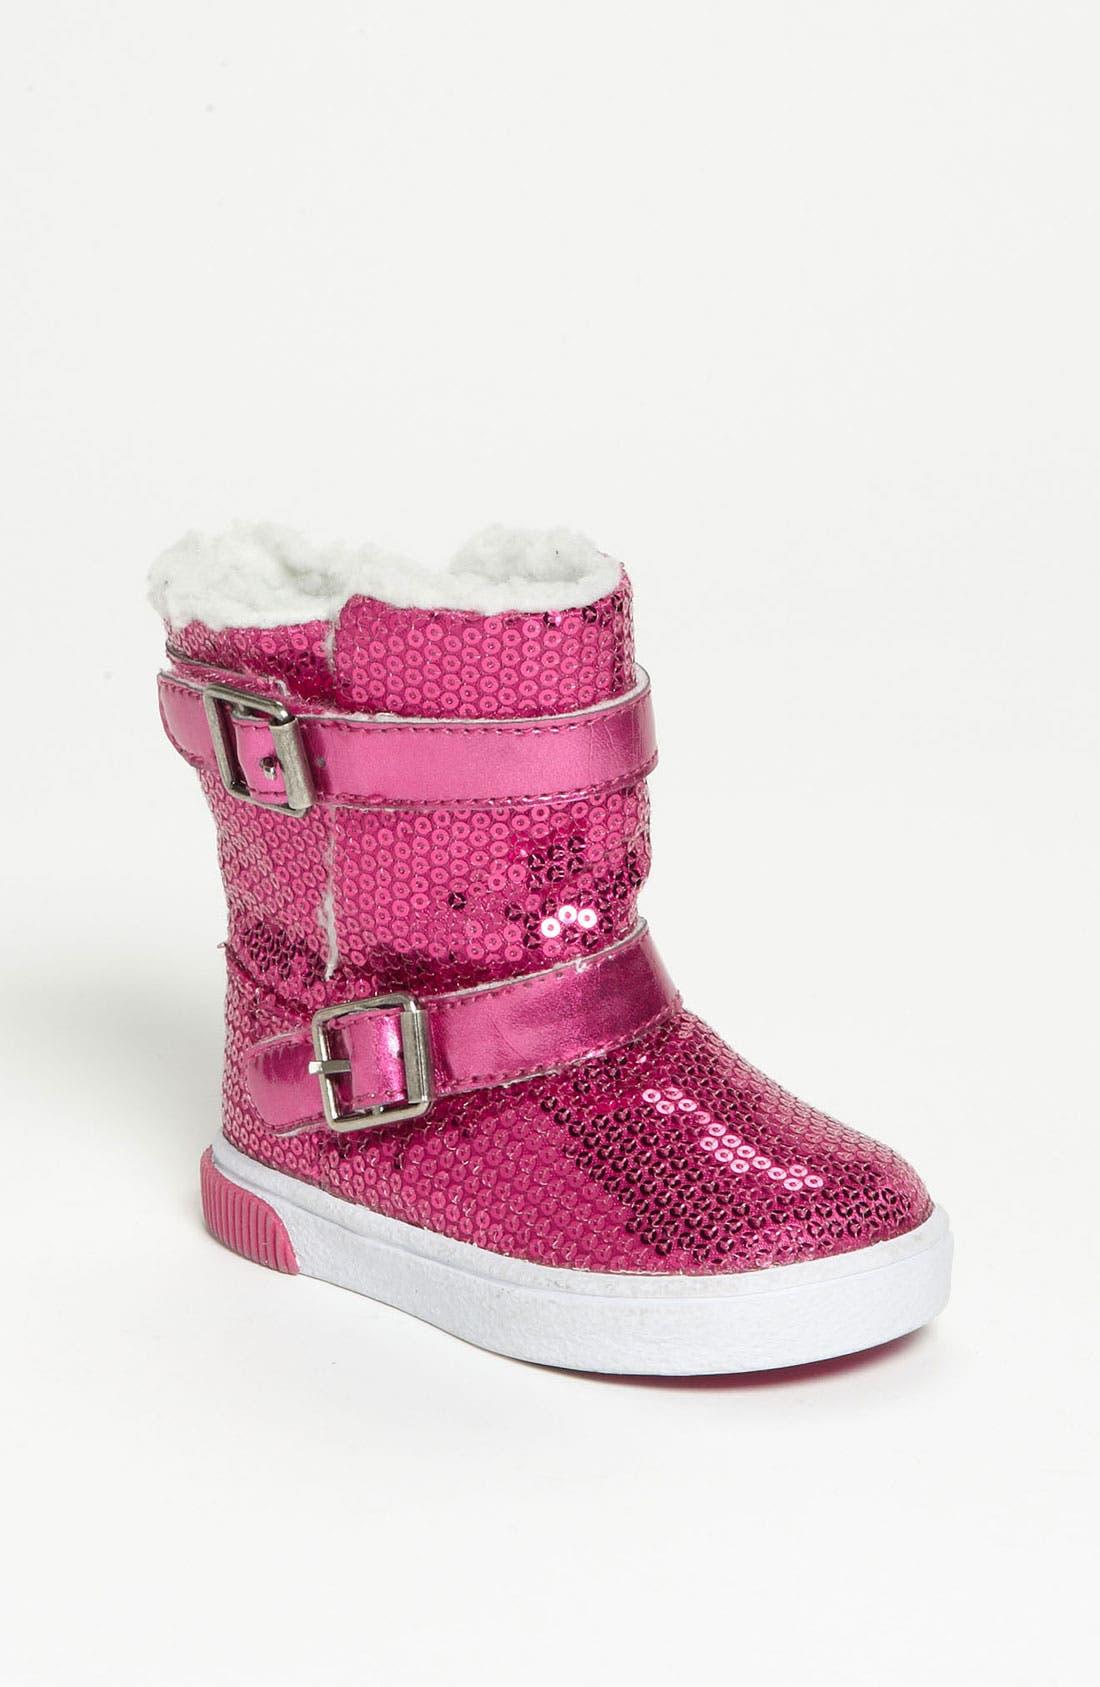 Main Image - Stride Rite 'Safi' Boot (Toddler)